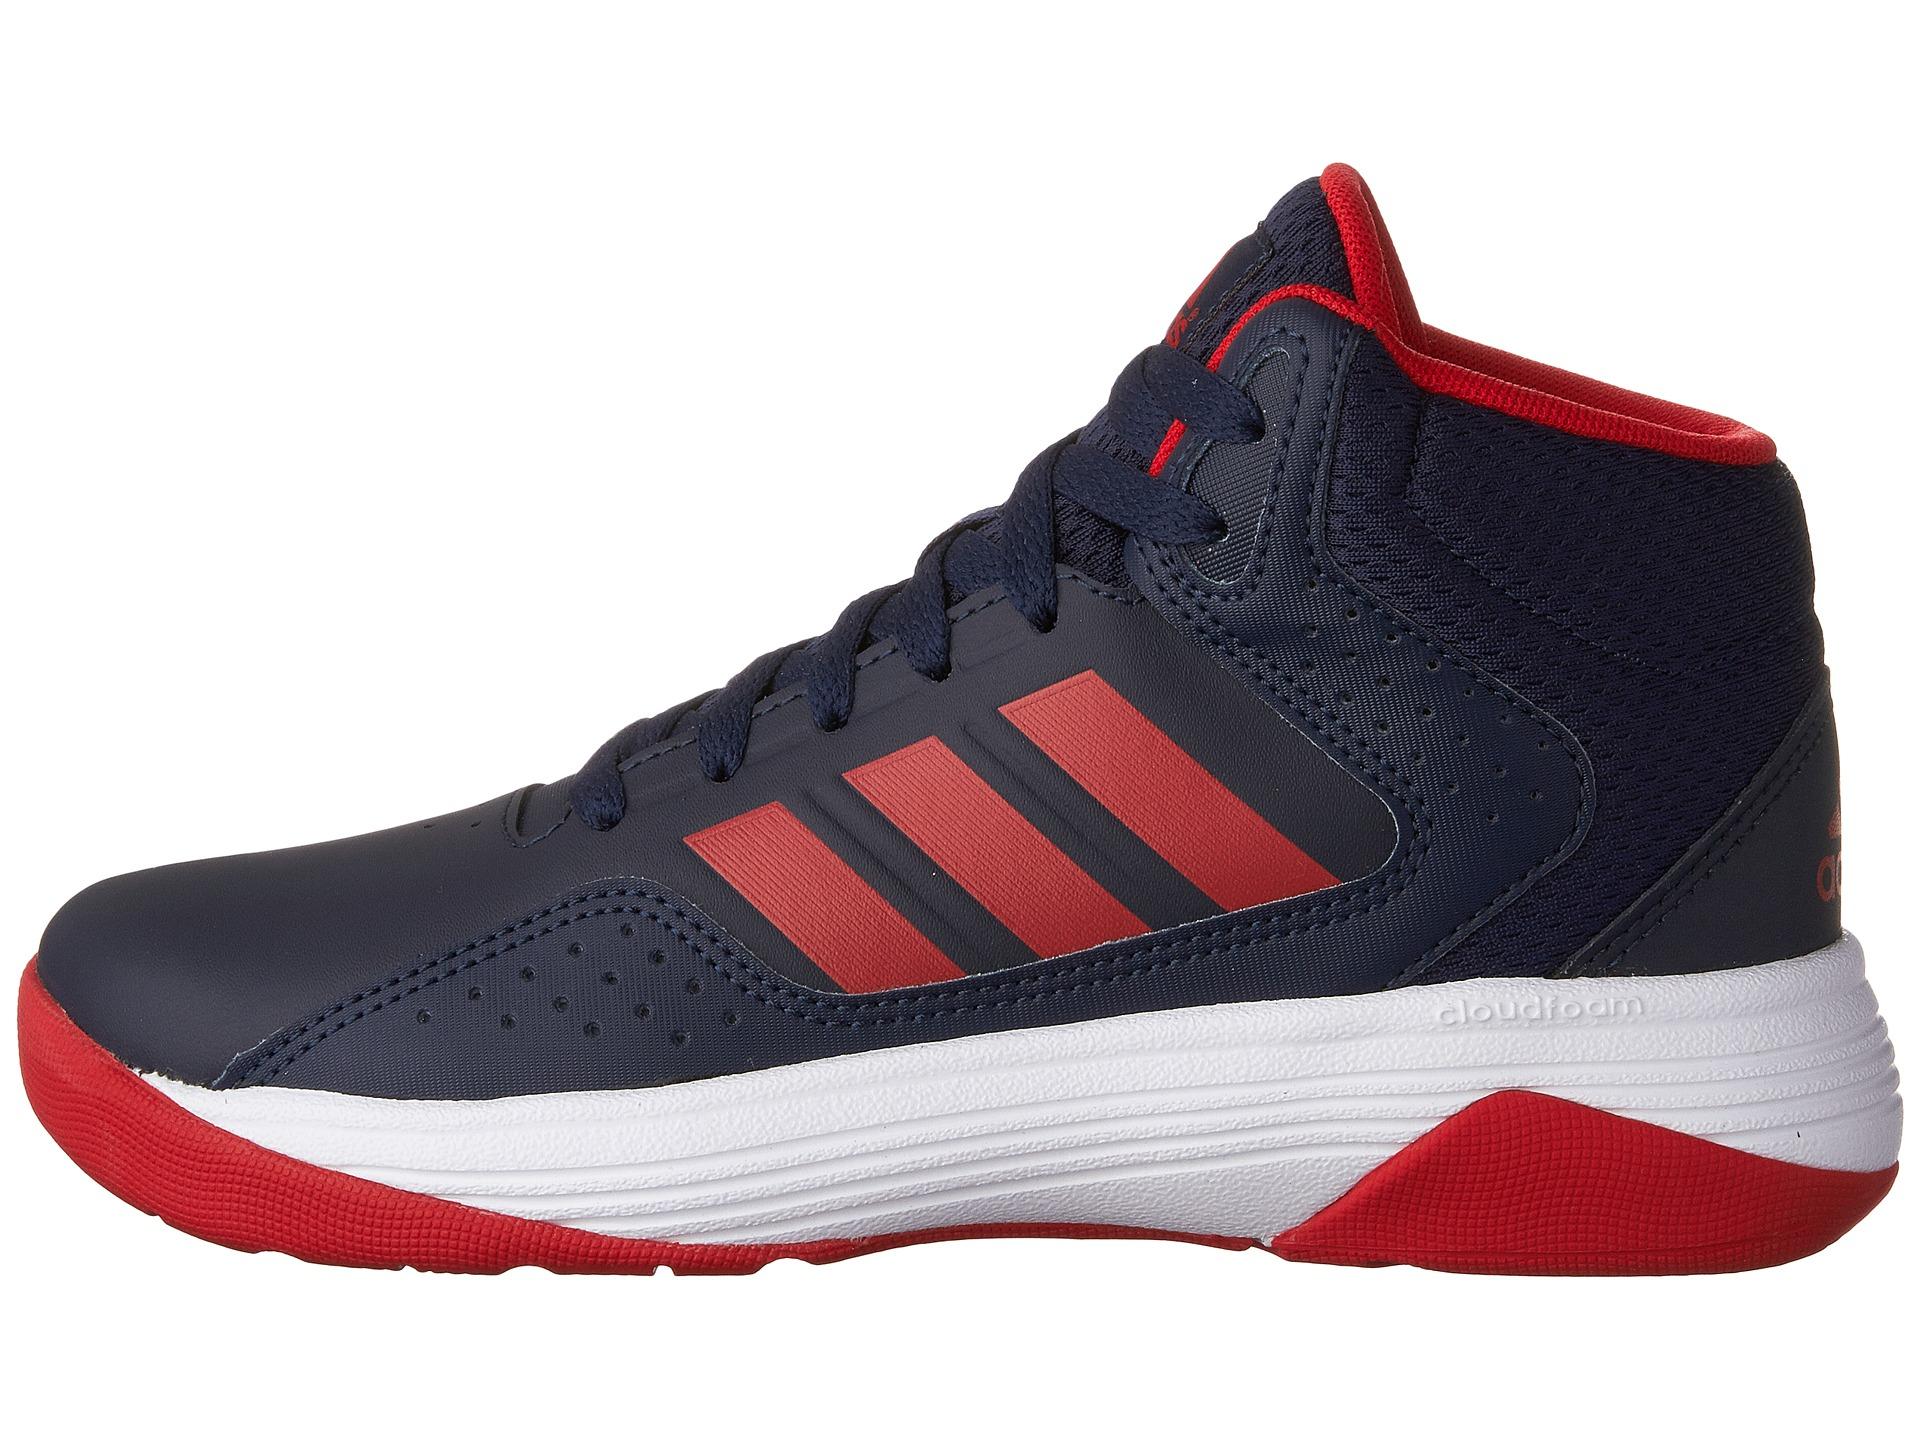 Cloudfoam Ilation Basketball Shoe Wear